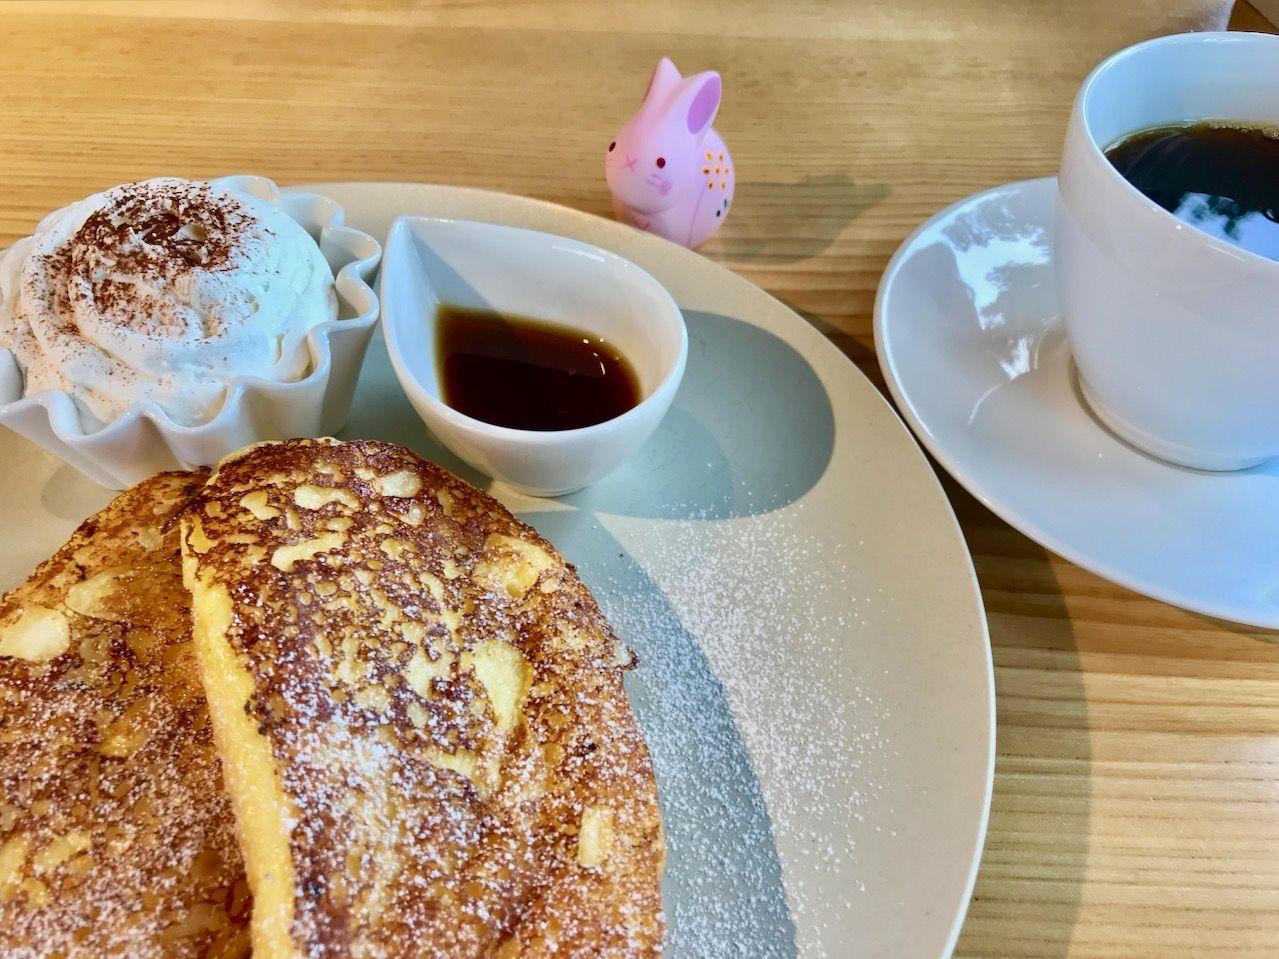 冬・厳かな雪景色が美しい神社カフェ「icho cafe」